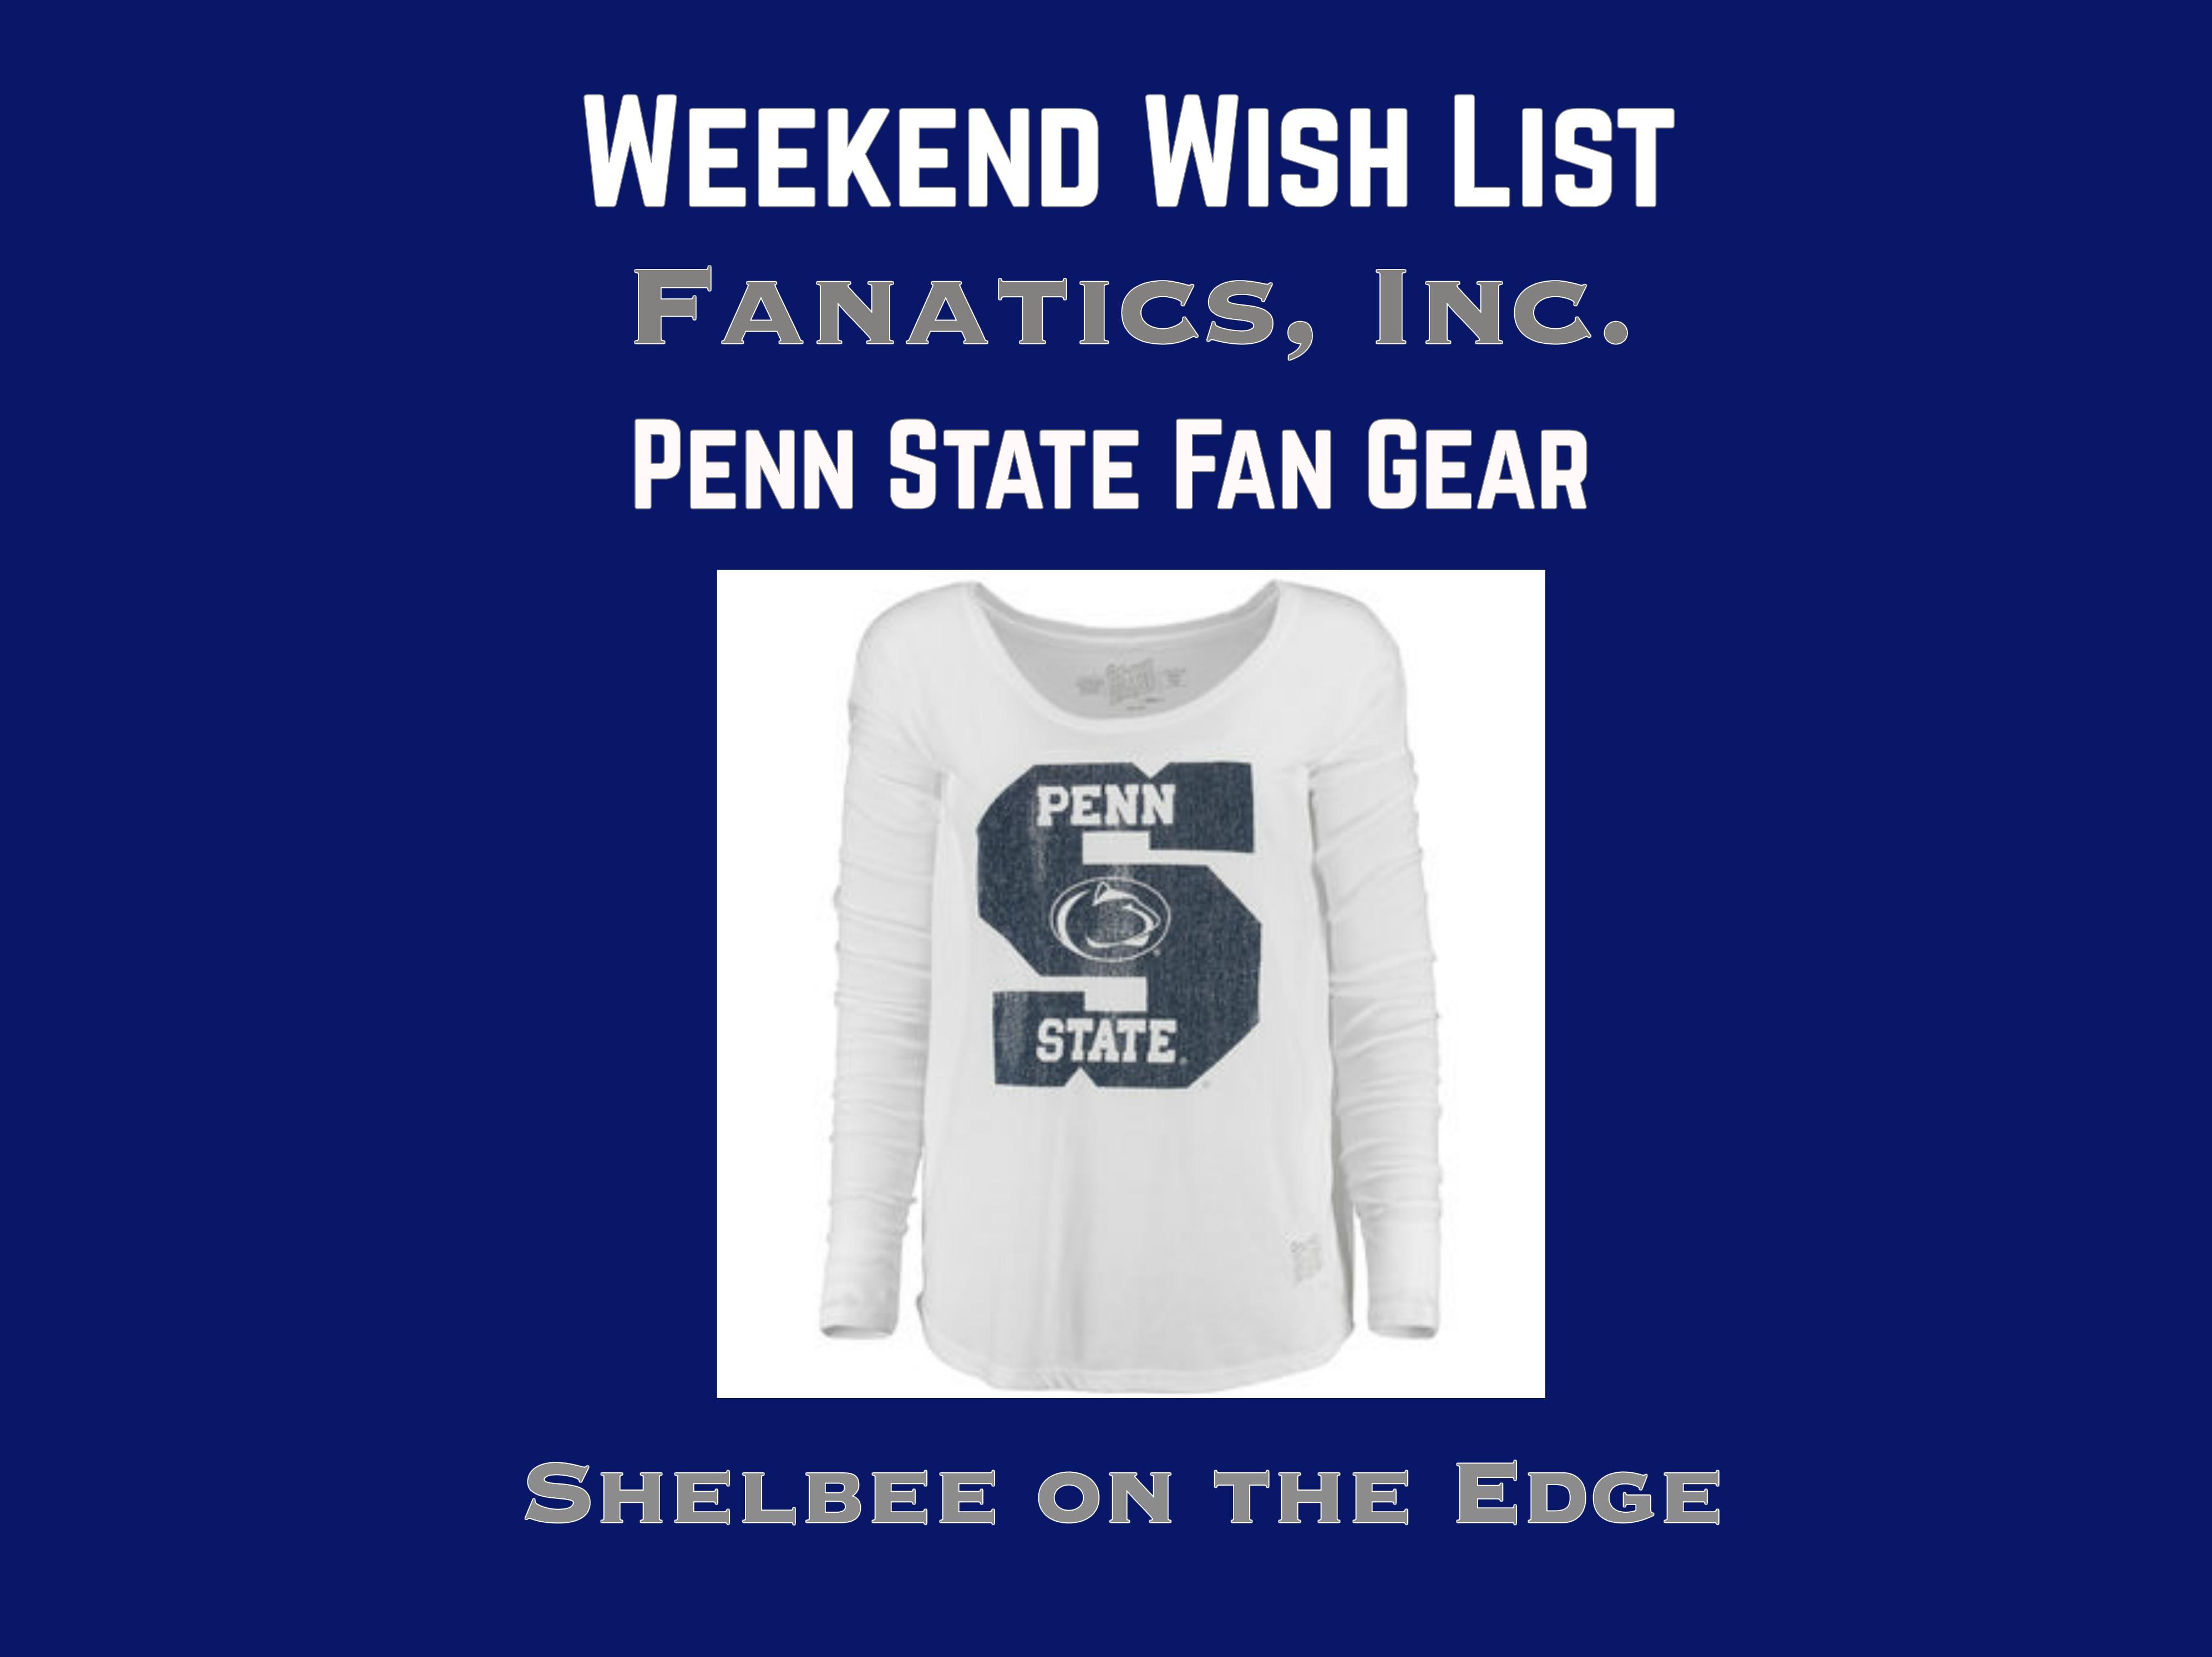 Weekend Wish List: Penn State Fan Gear from Fanatics, Inc.